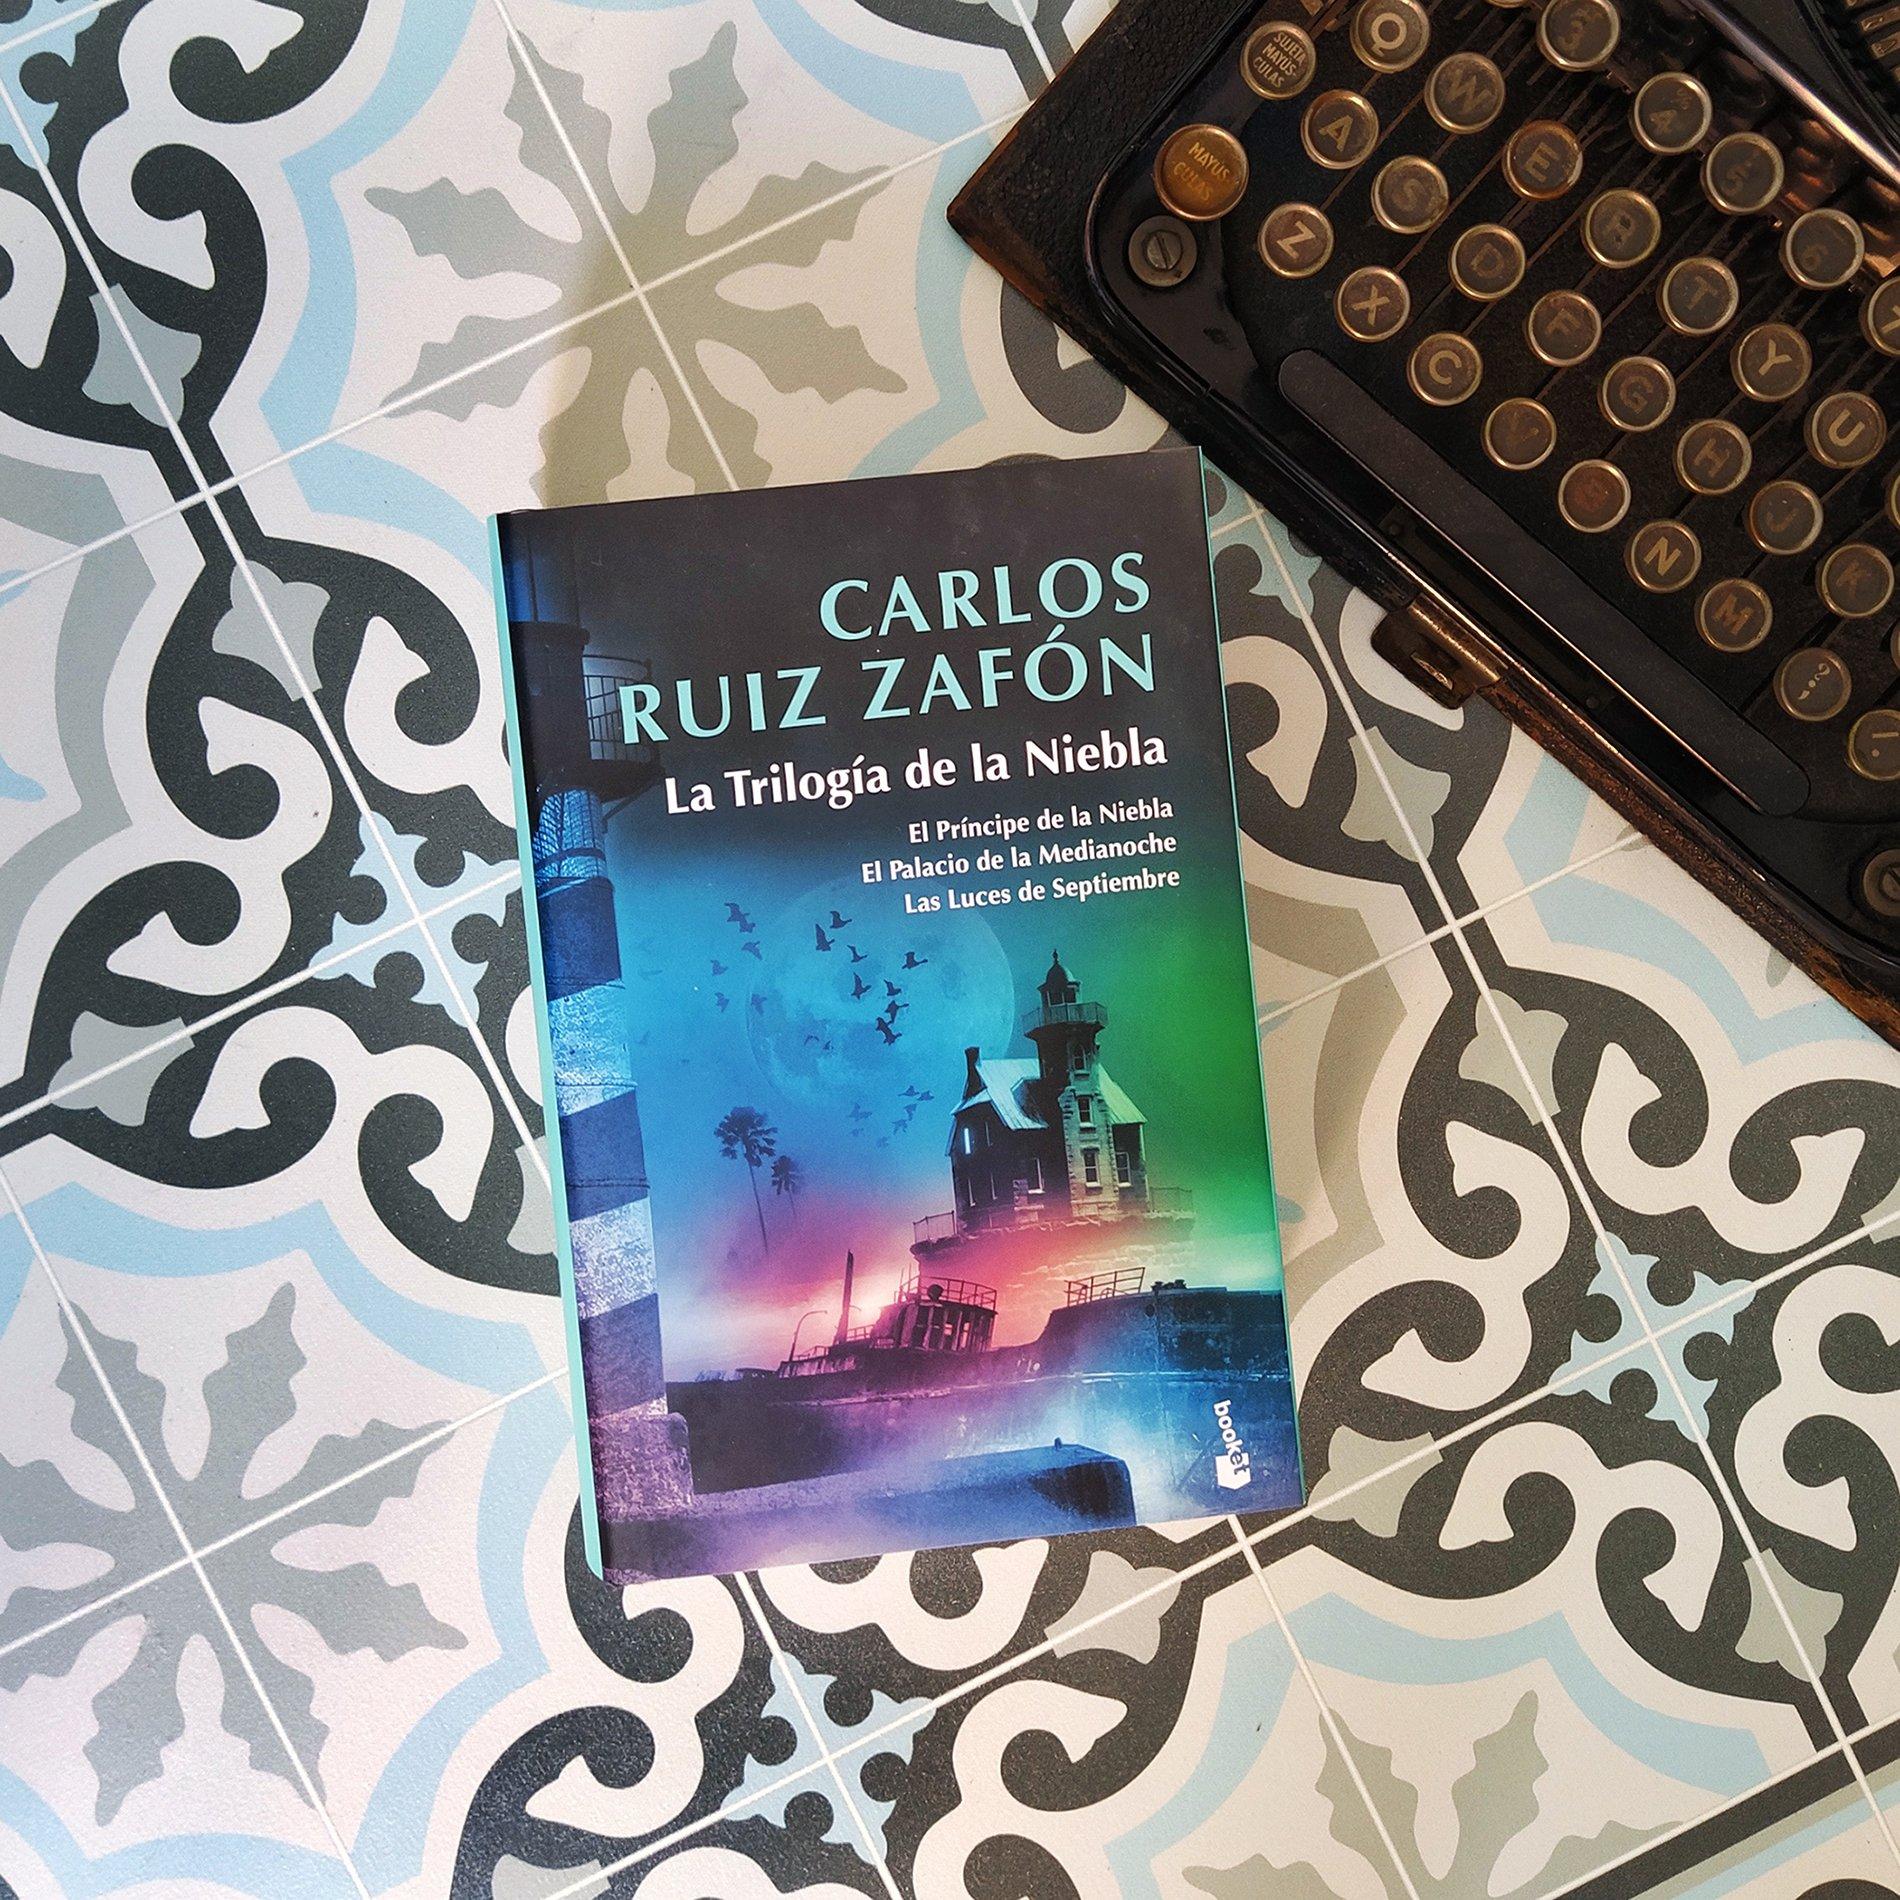 Carlos Ruiz Zafón On Twitter La Trilogía De La Niebla Nos Ofrece Una Inigualable Combinación De Aventura Misterio Y Emociones Ahora Disponible En Una Edición Especial Limitada En Tapa Dura Con Sobrecubierta